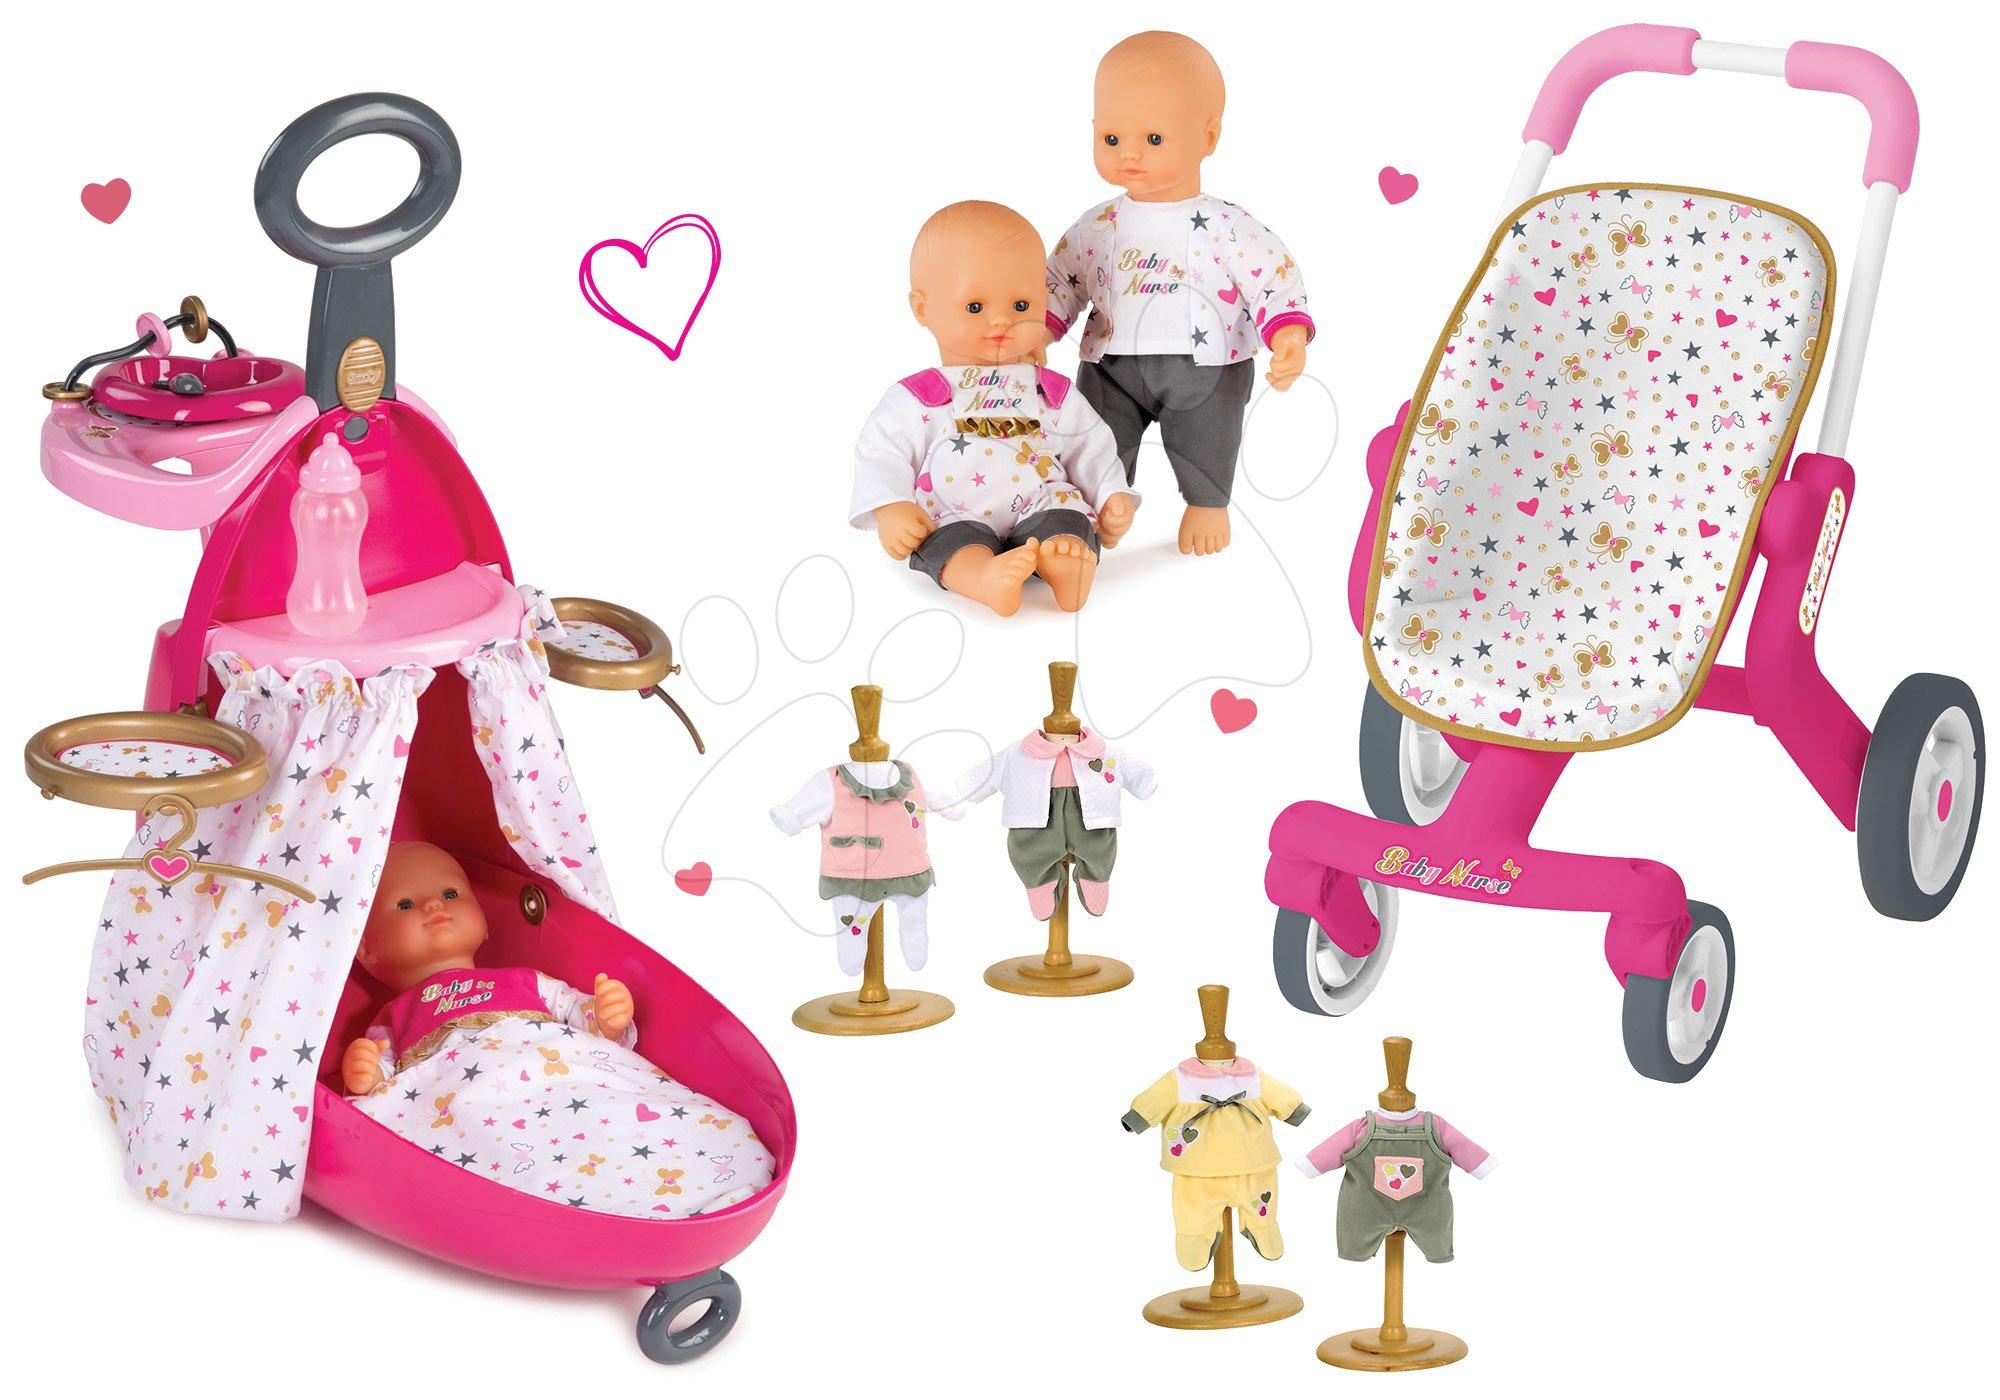 Népszerű Szett babacenter bőrӧnd játékbabának Baby Nurse Smoby játékbaba  ruhácskákkal 32 cm és sport játék babakocsi ( 209f93f8f3